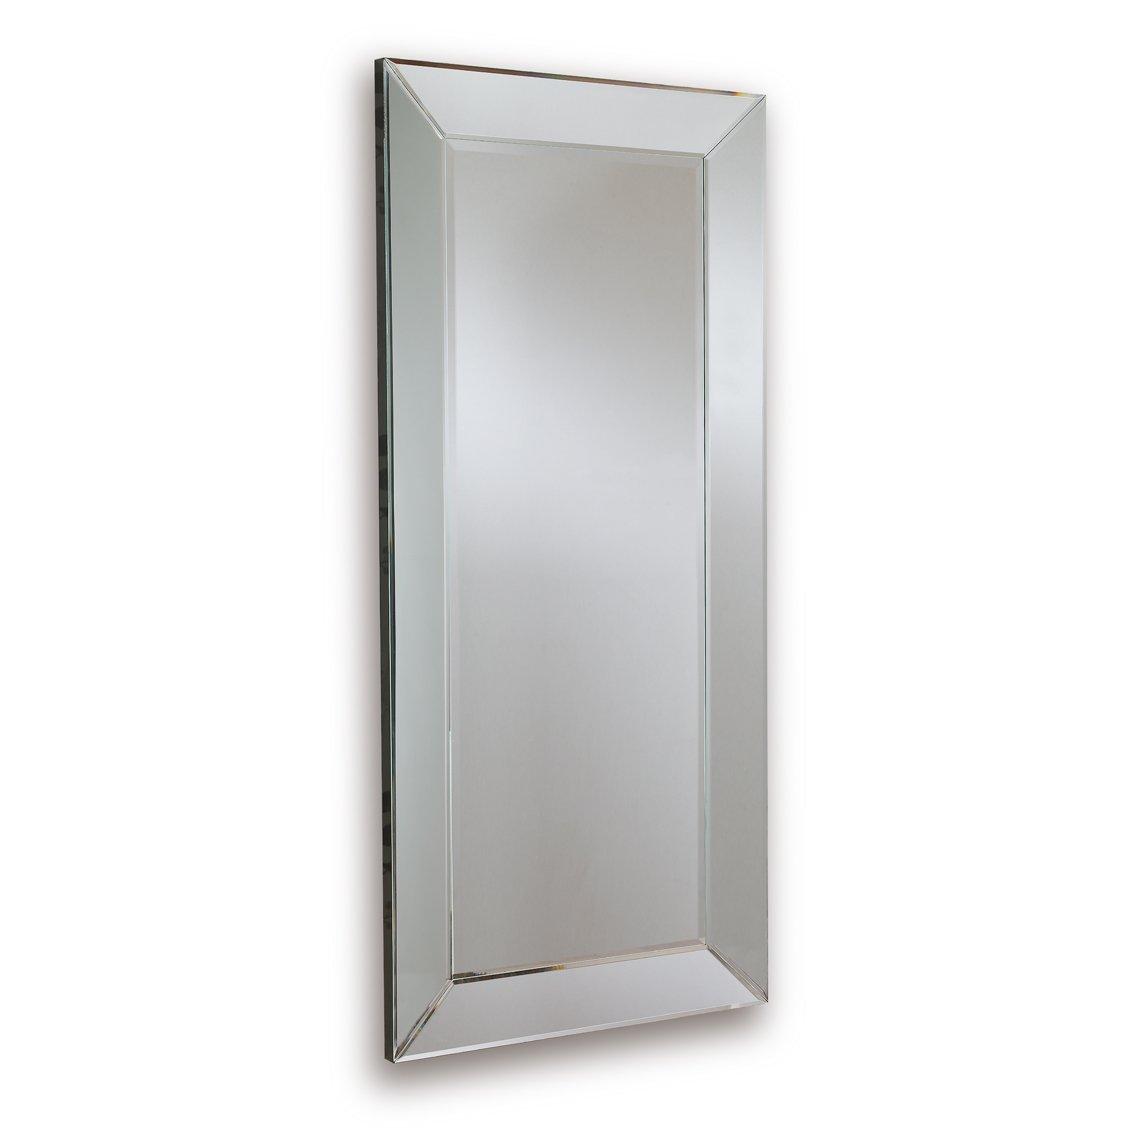 Schuller 29-e07/178Roma Spiegel 5x 80x 178cm